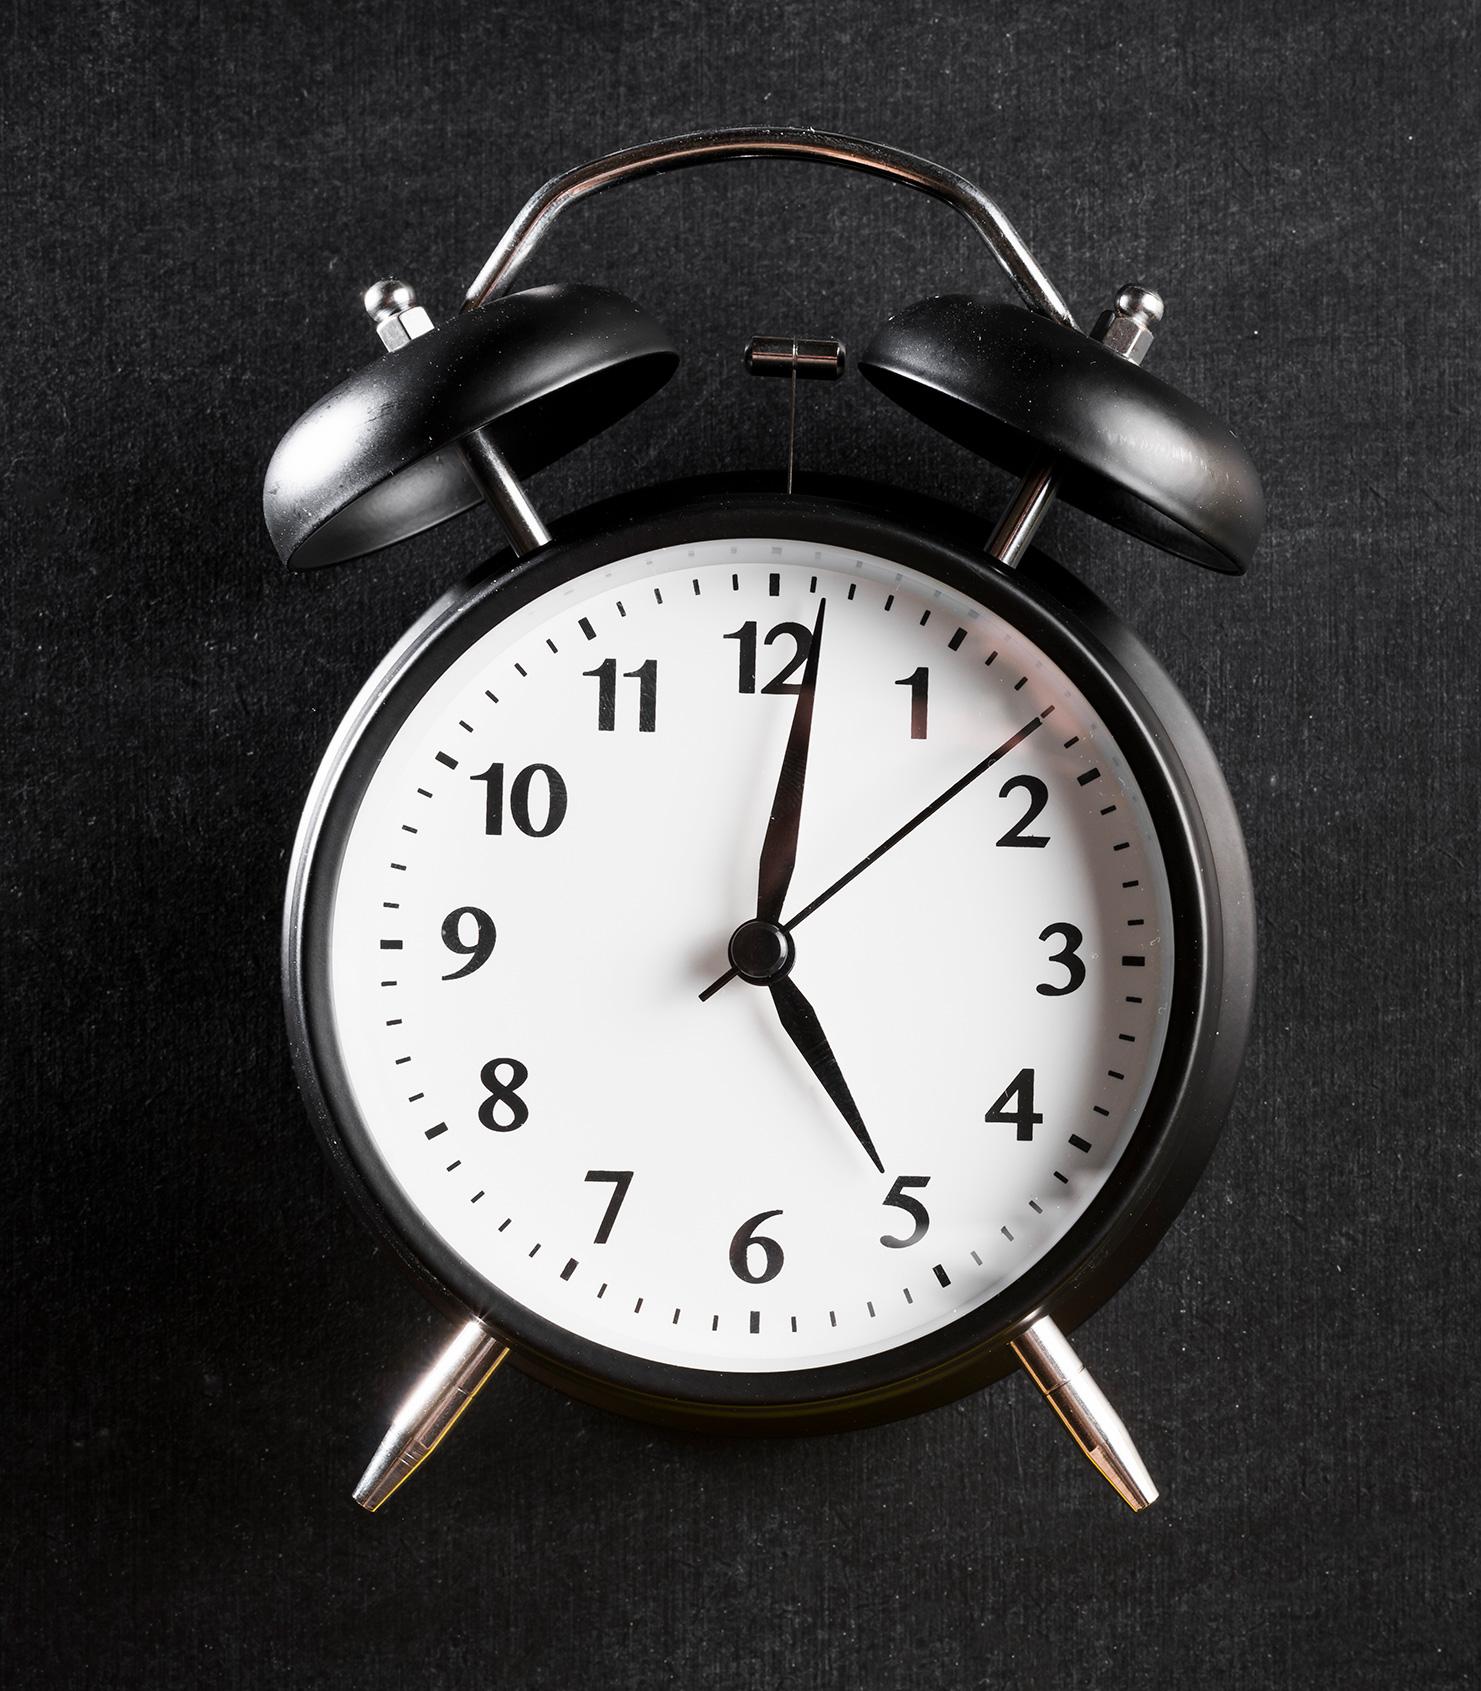 ساعت 5 و یک دقیقه صبح بیدار بشم؟؟؟!!!